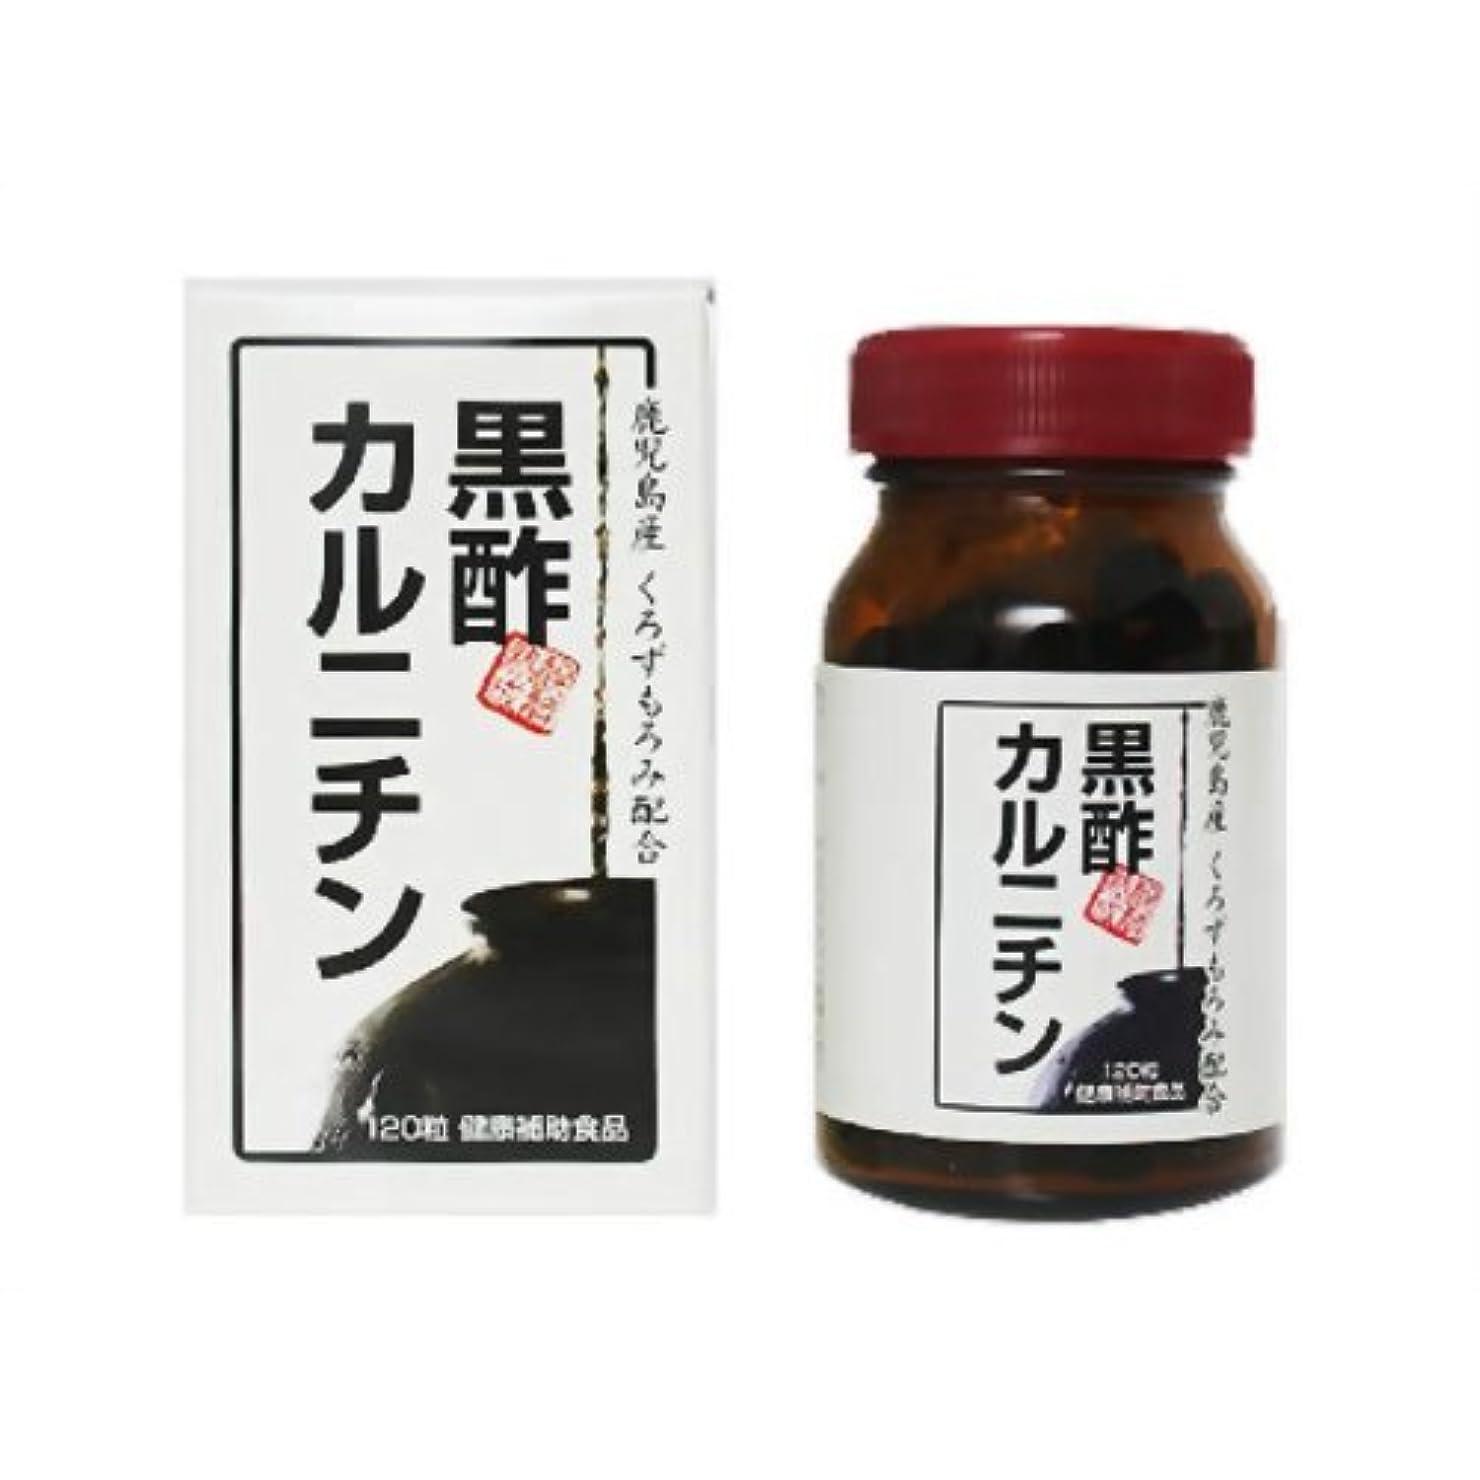 スキップ市場行商黒酢カルニチン 120粒